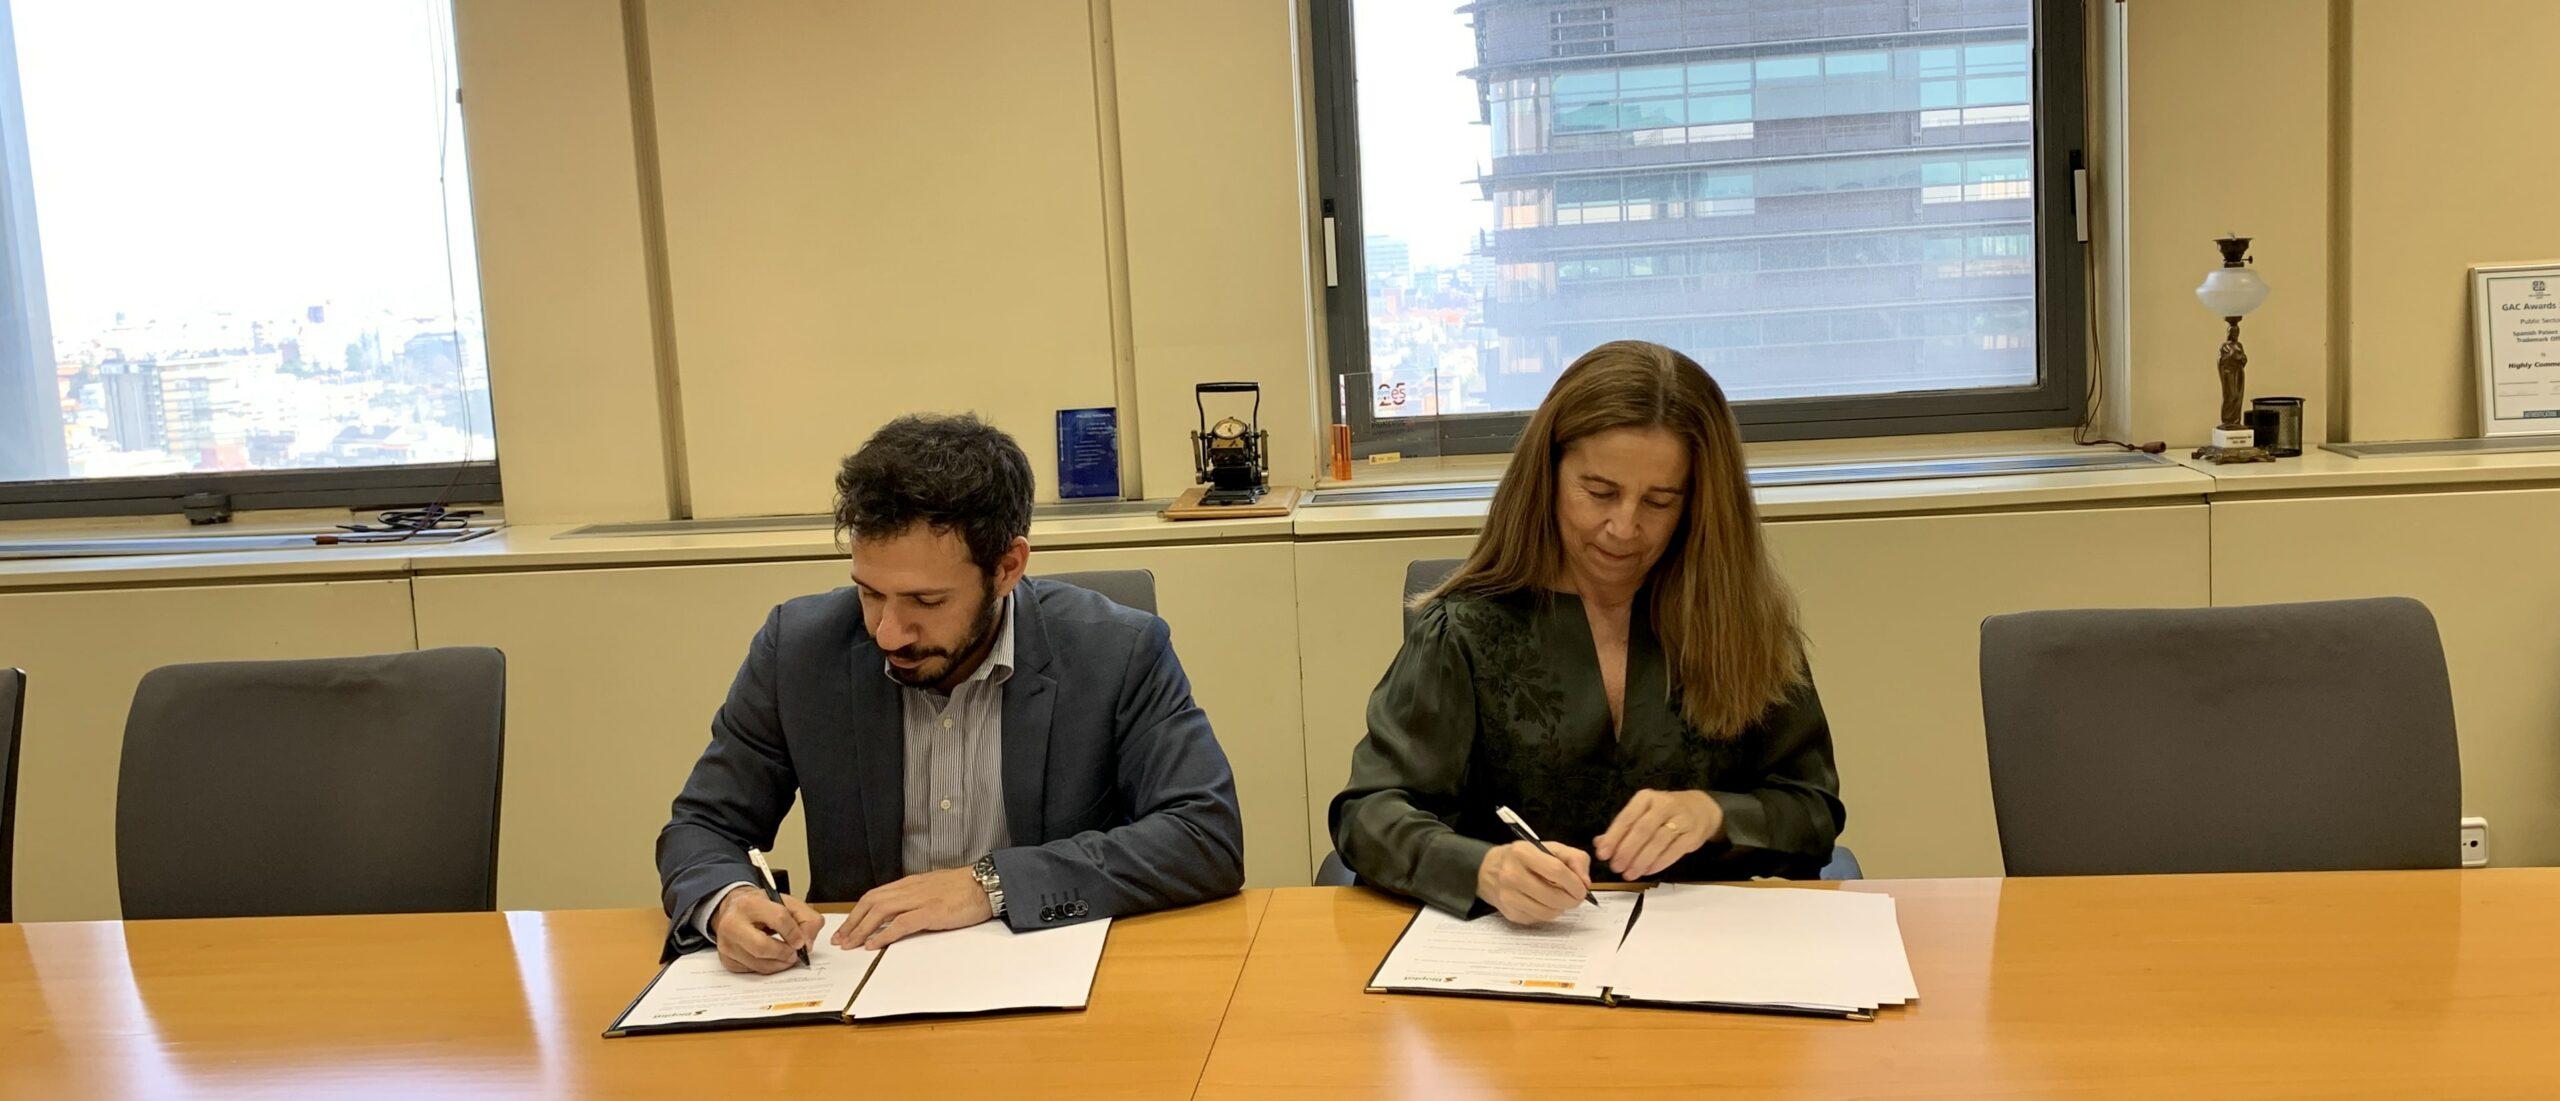 BIOPLAT y OEPM actualizan su convenio de colaboración para impulsar la competitividad de la industria española en el campo de la biomasa, la bioenergía y los bioproductos